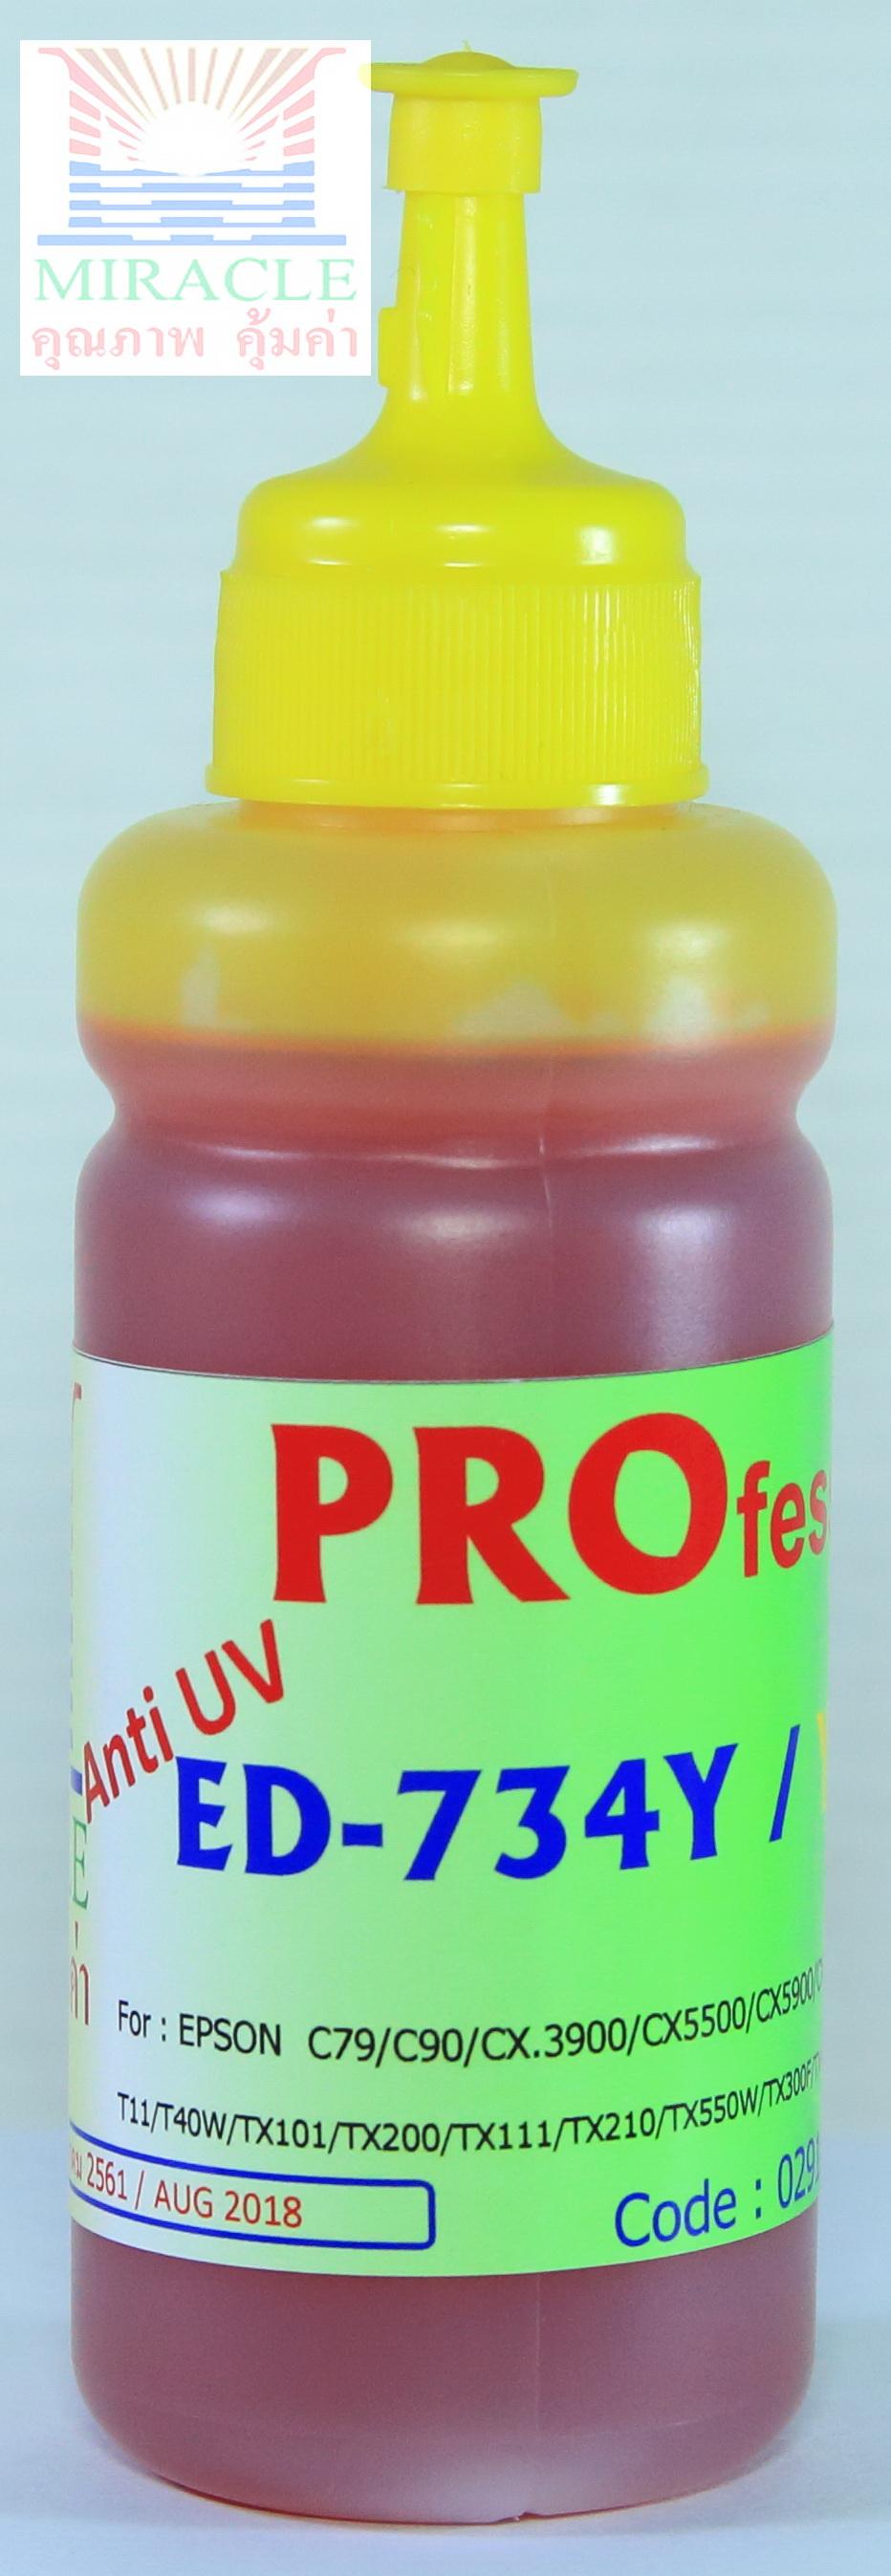 """น้ำหมึก MIRACLE Pro 100 cc for EPSON """"YELLOW"""" มีสาร UV ป้องกันแสงแดด"""